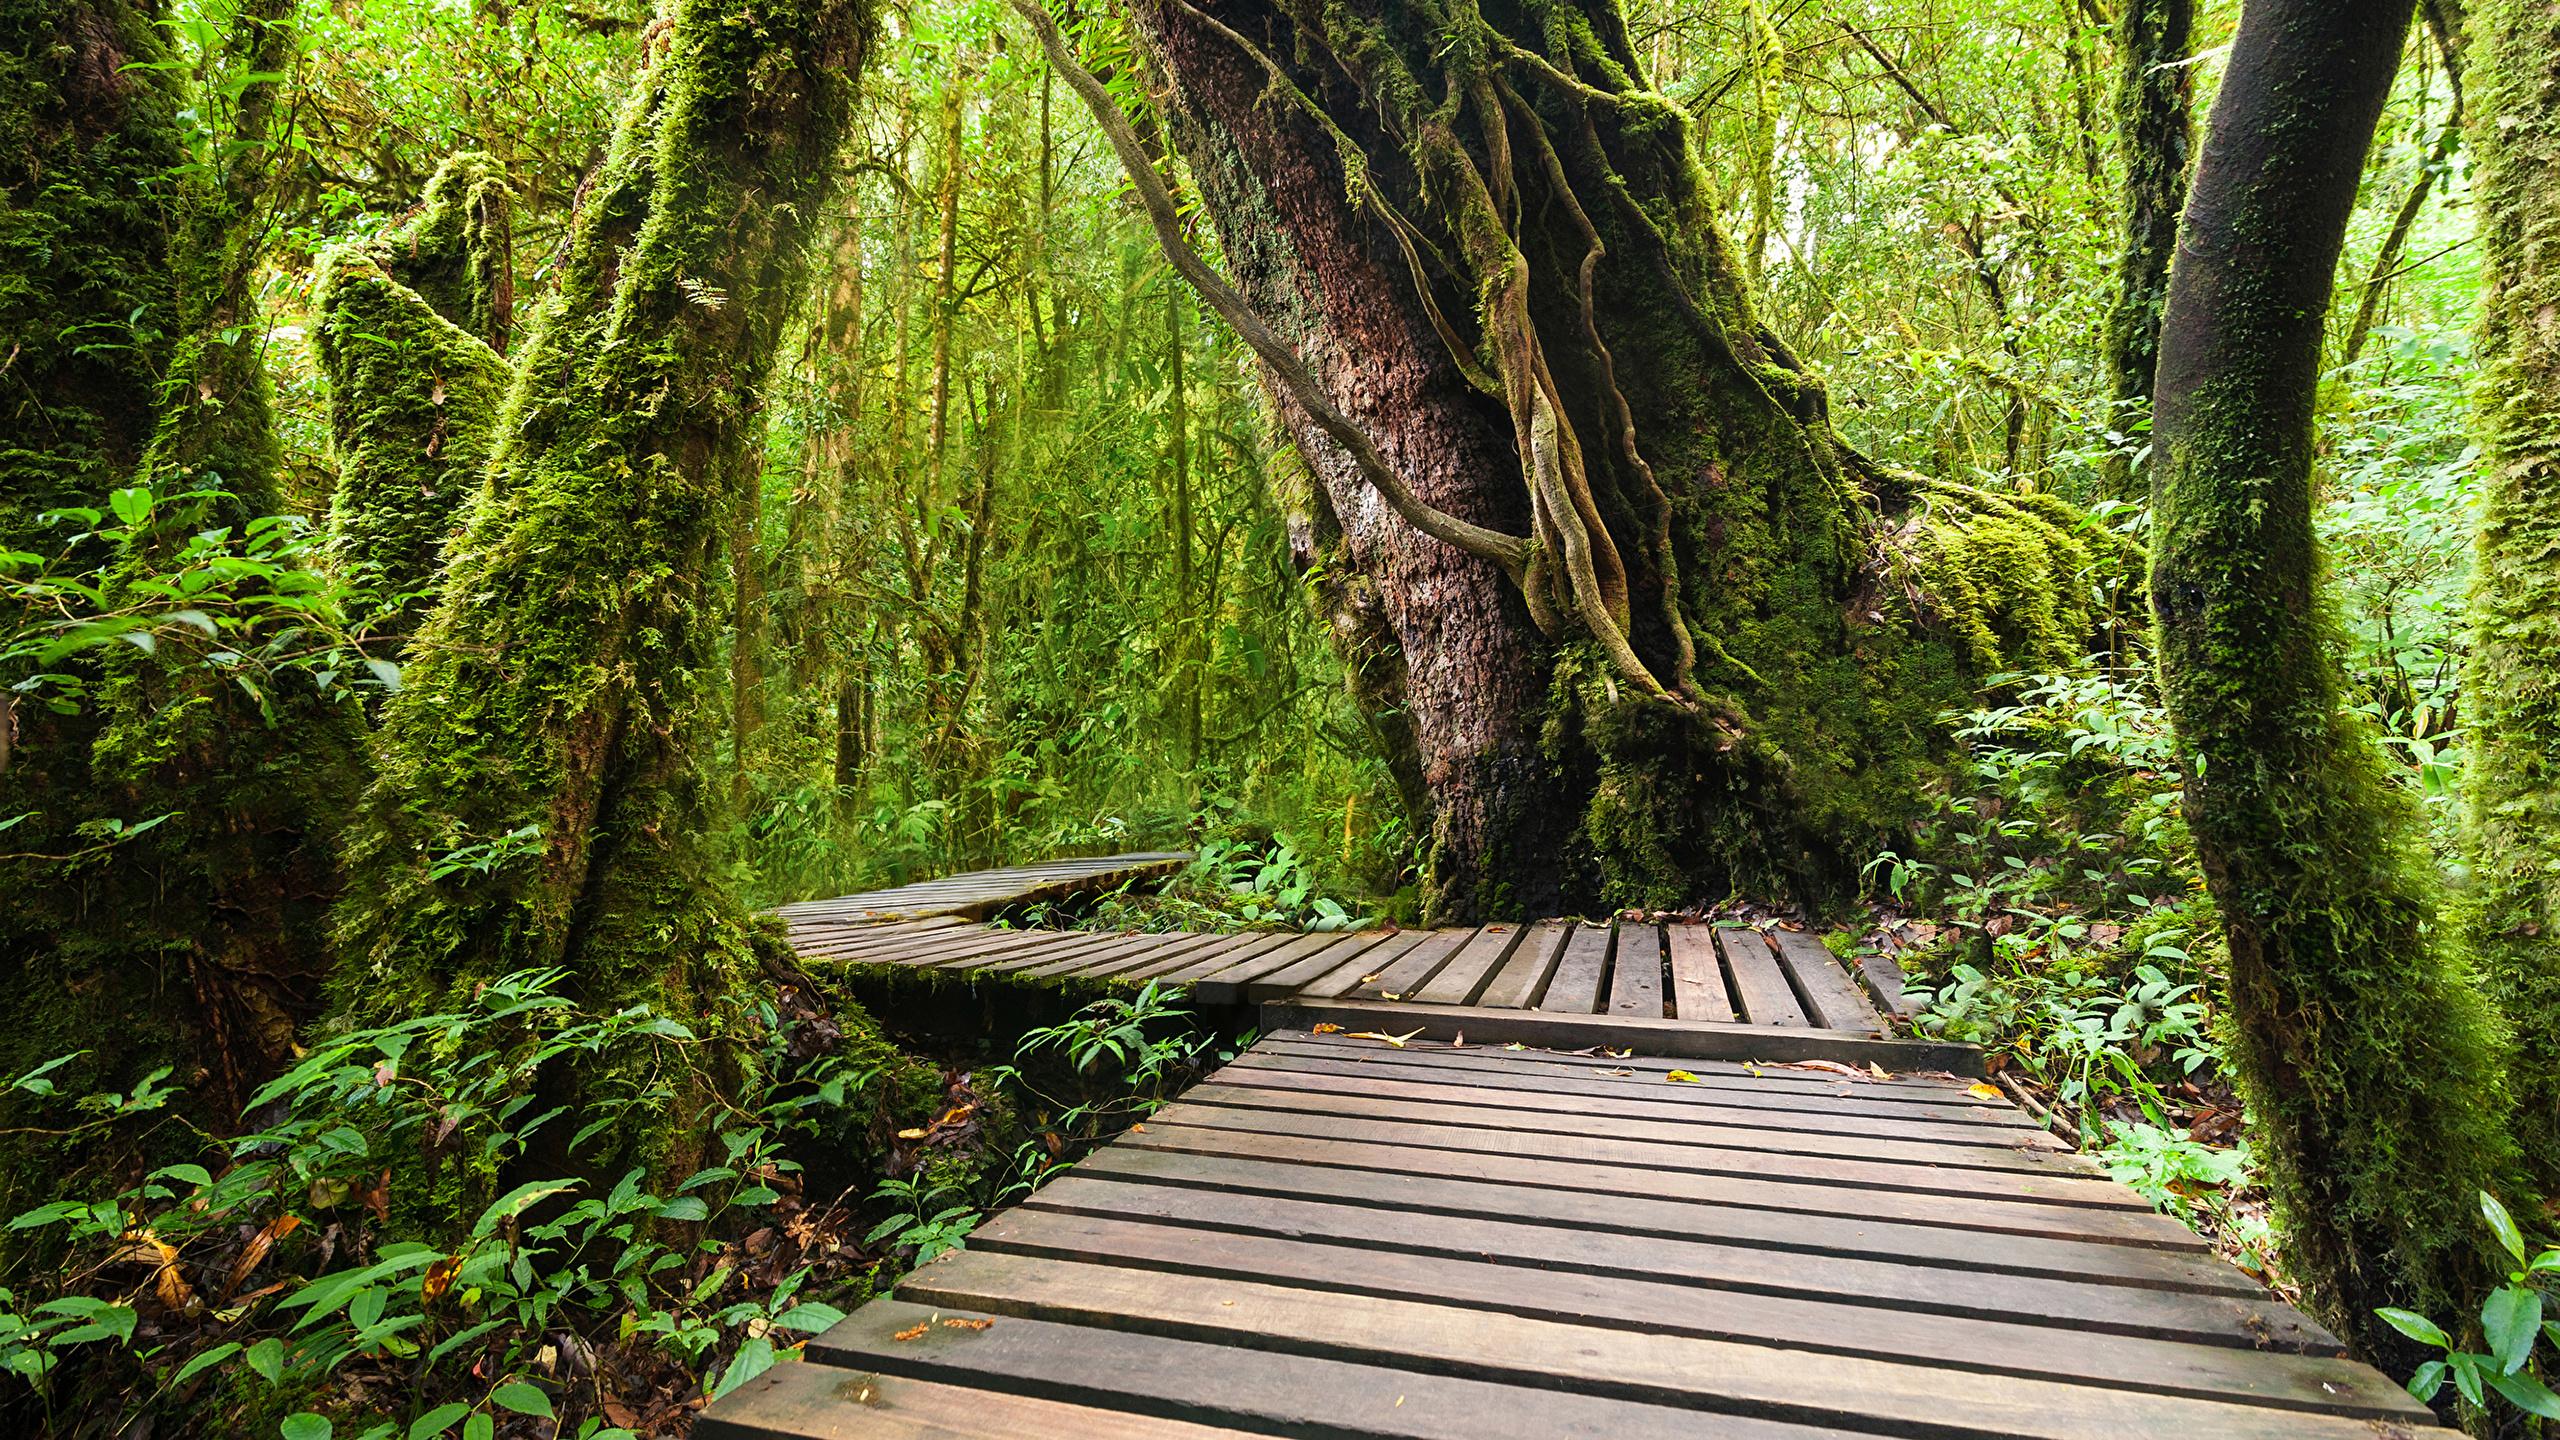 Обои Таиланд Doi Inthanon National Park Природа Леса Парки Тропики Ствол дерева Мох 2560x1440 мха мхом